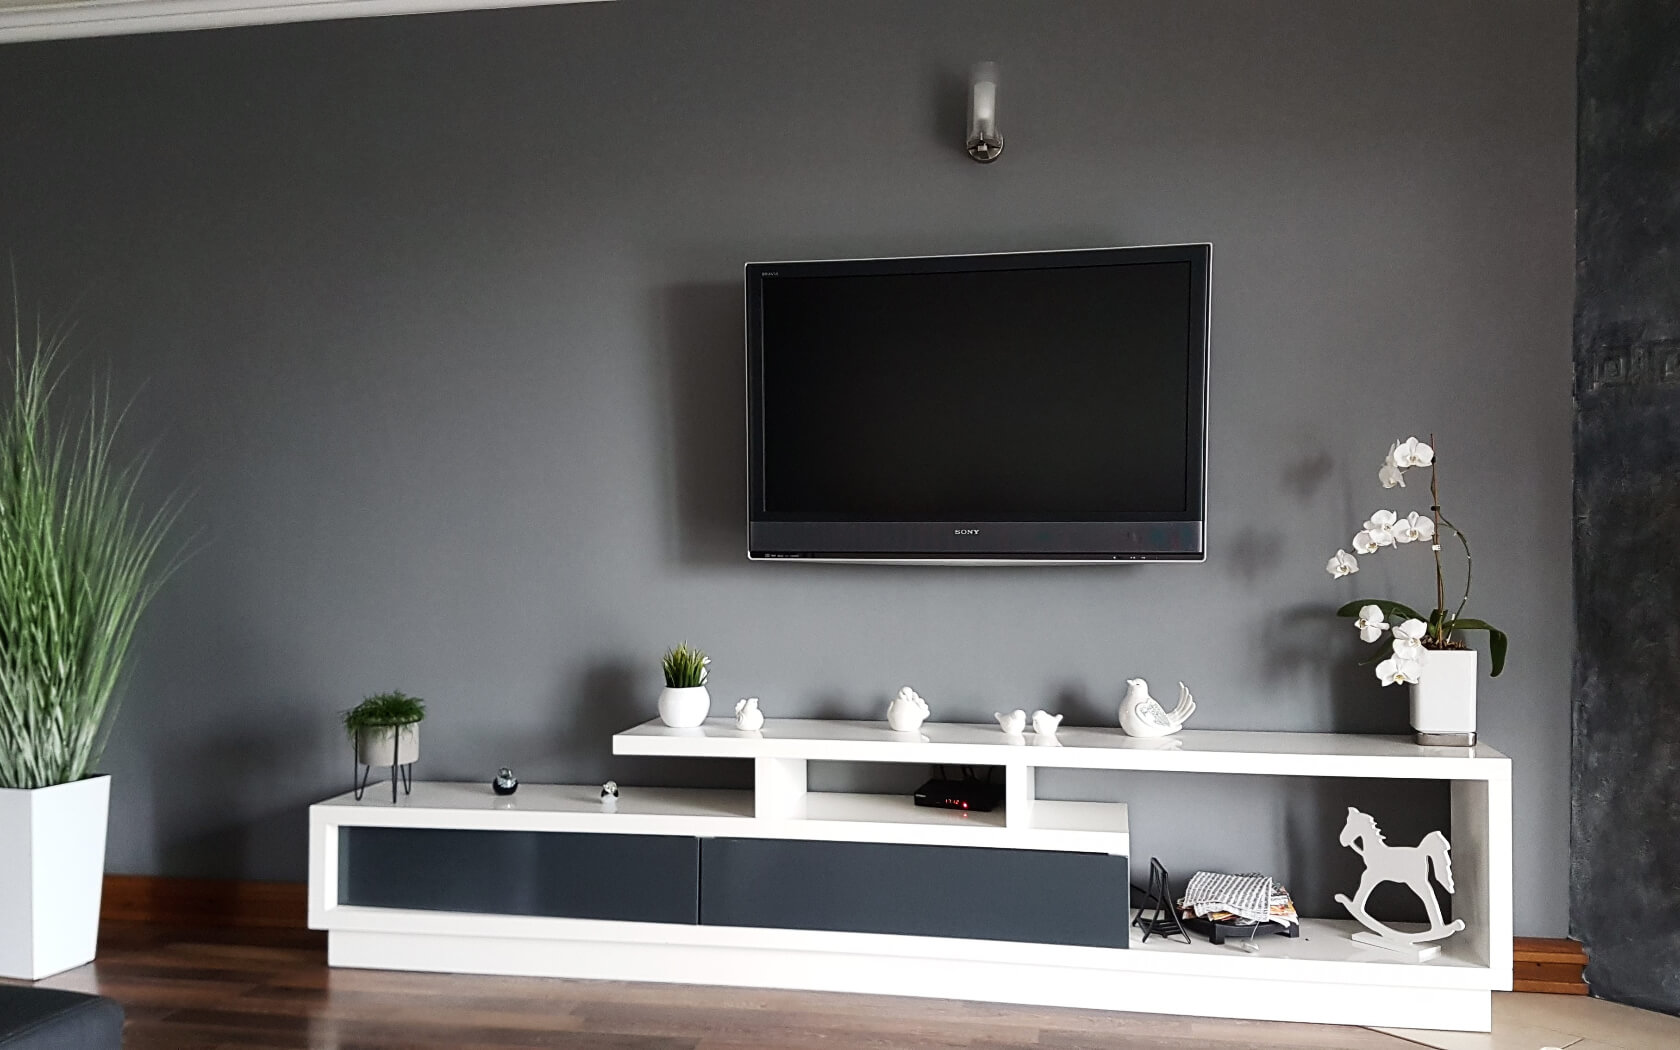 Mobili Porta Tv Quali Sono I Migliori 2021 Dove Comprare